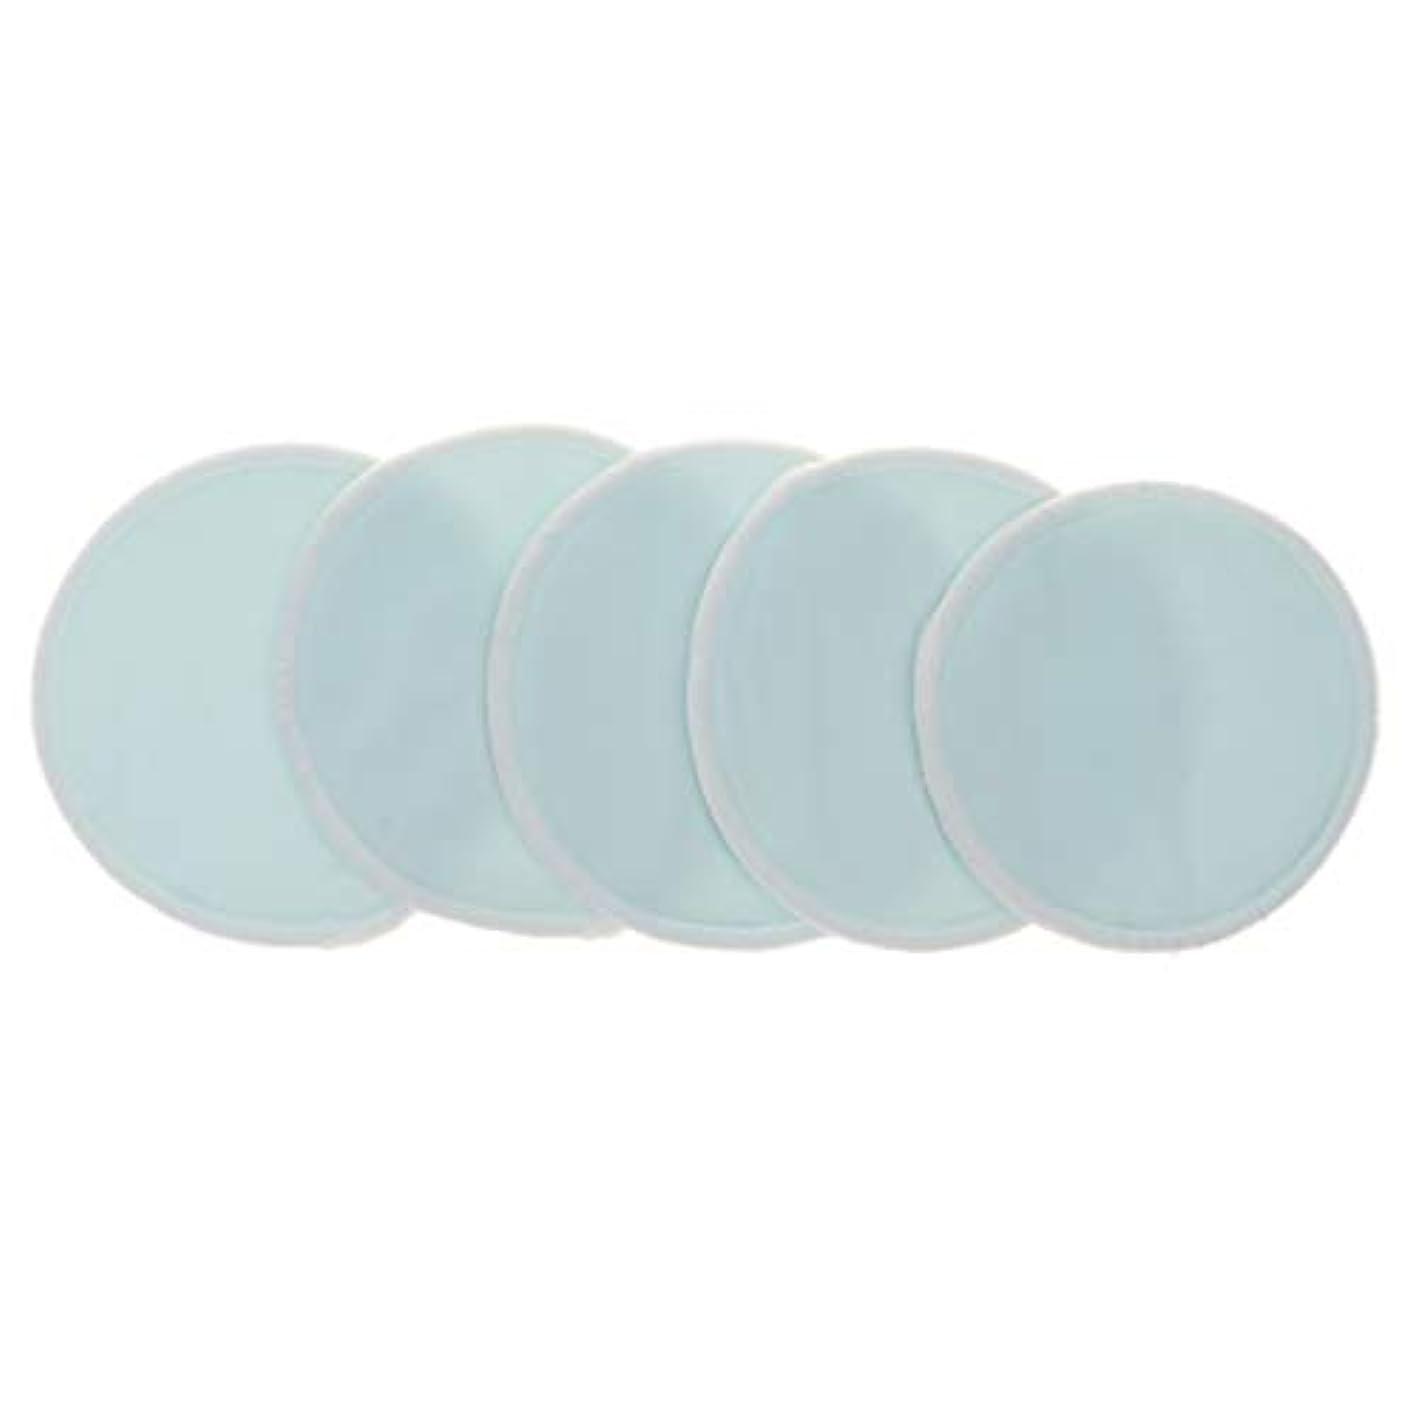 砦減るパワーKESOTO 全5色 胸パッド クレンジングシート メイクアップ 竹繊維 12cm 洗える 再使用可 実用的 5個入 - 青